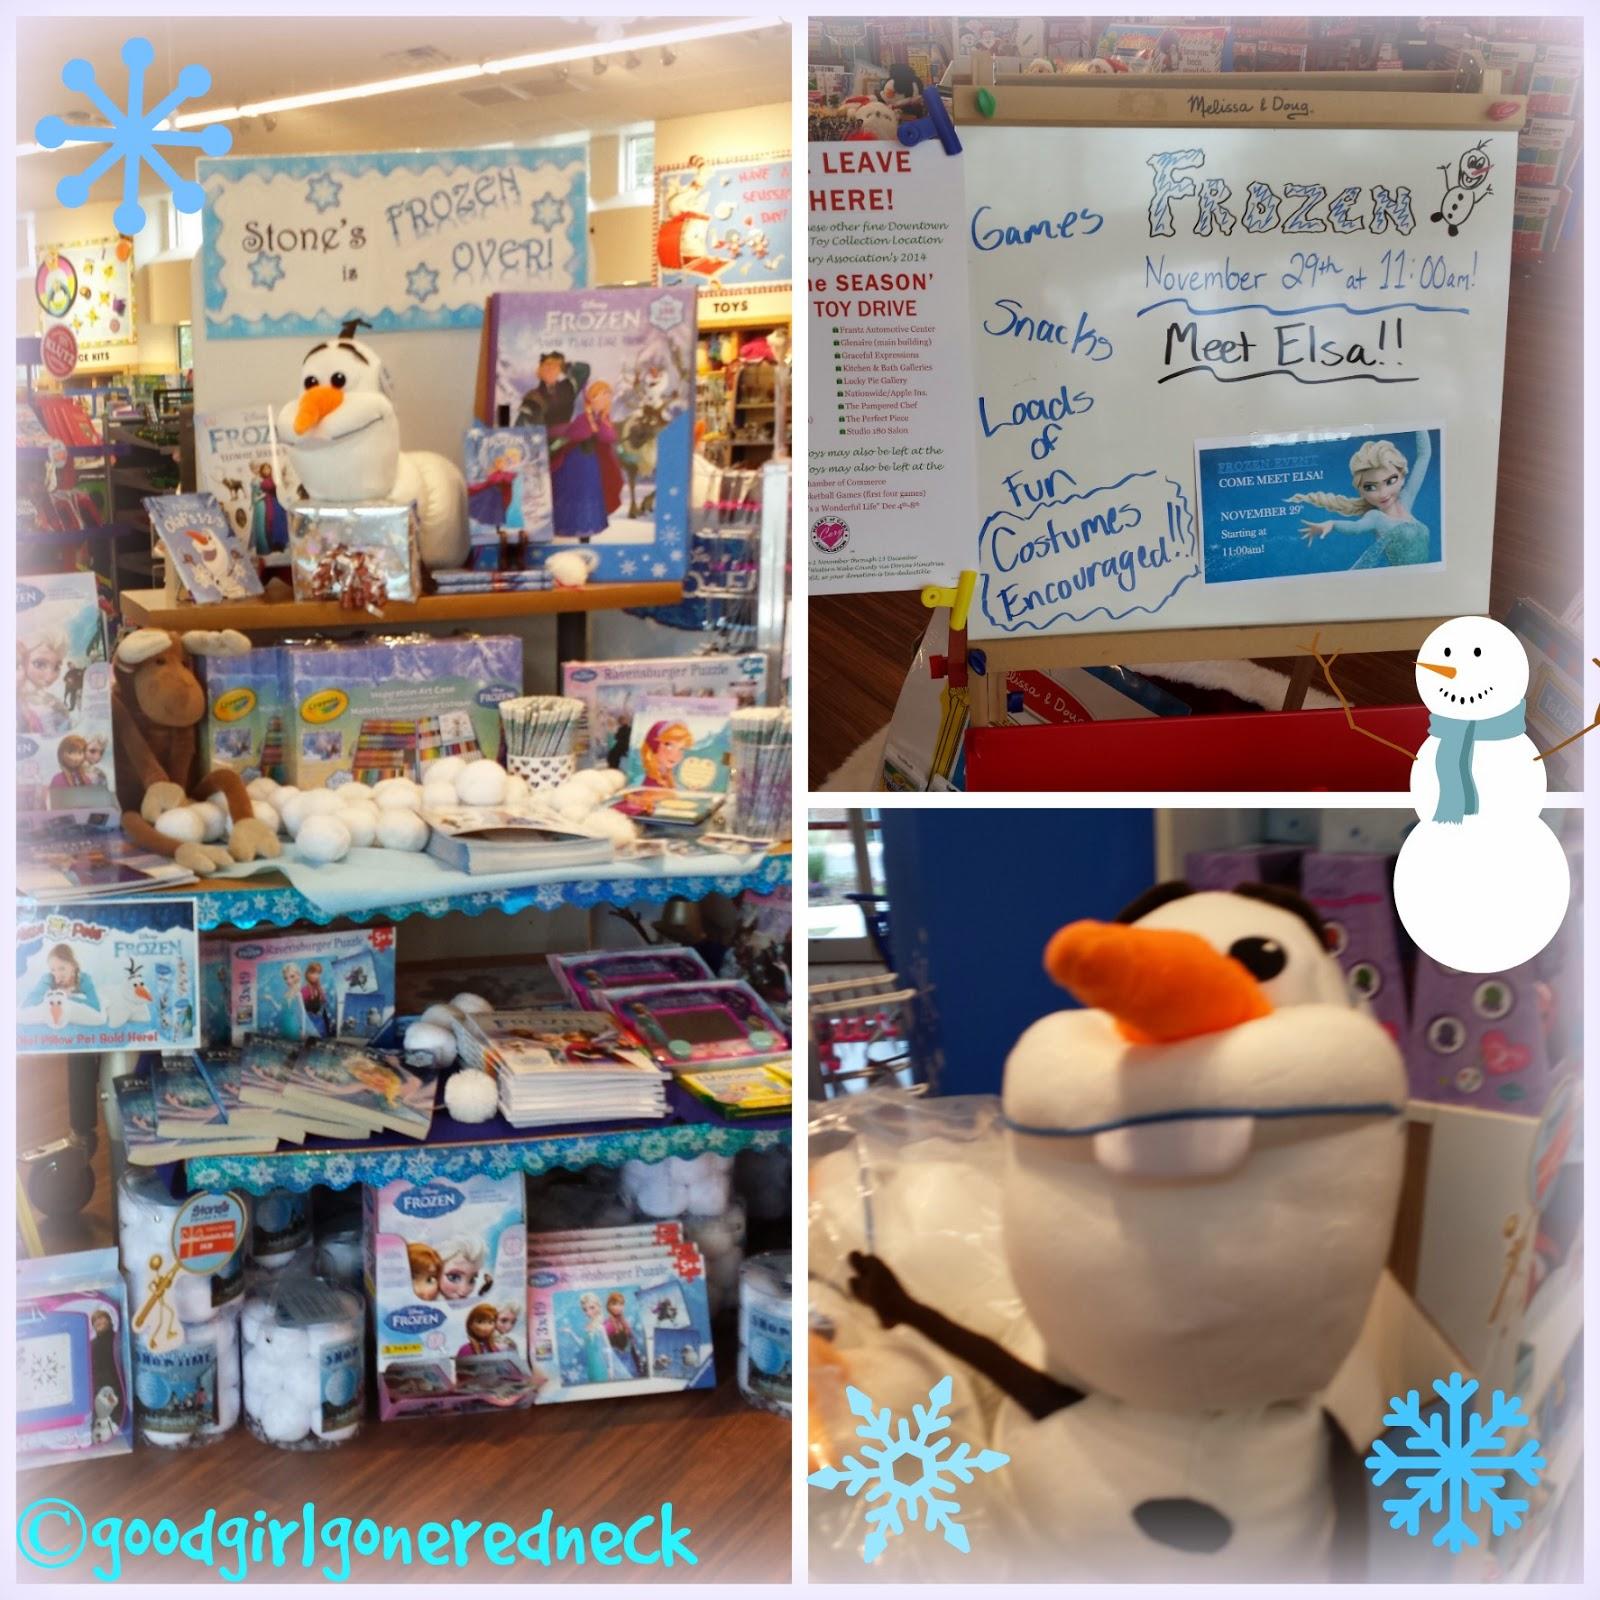 Frozen, Olaf, Disney, Anna, Elsa, toys, meet Elsa